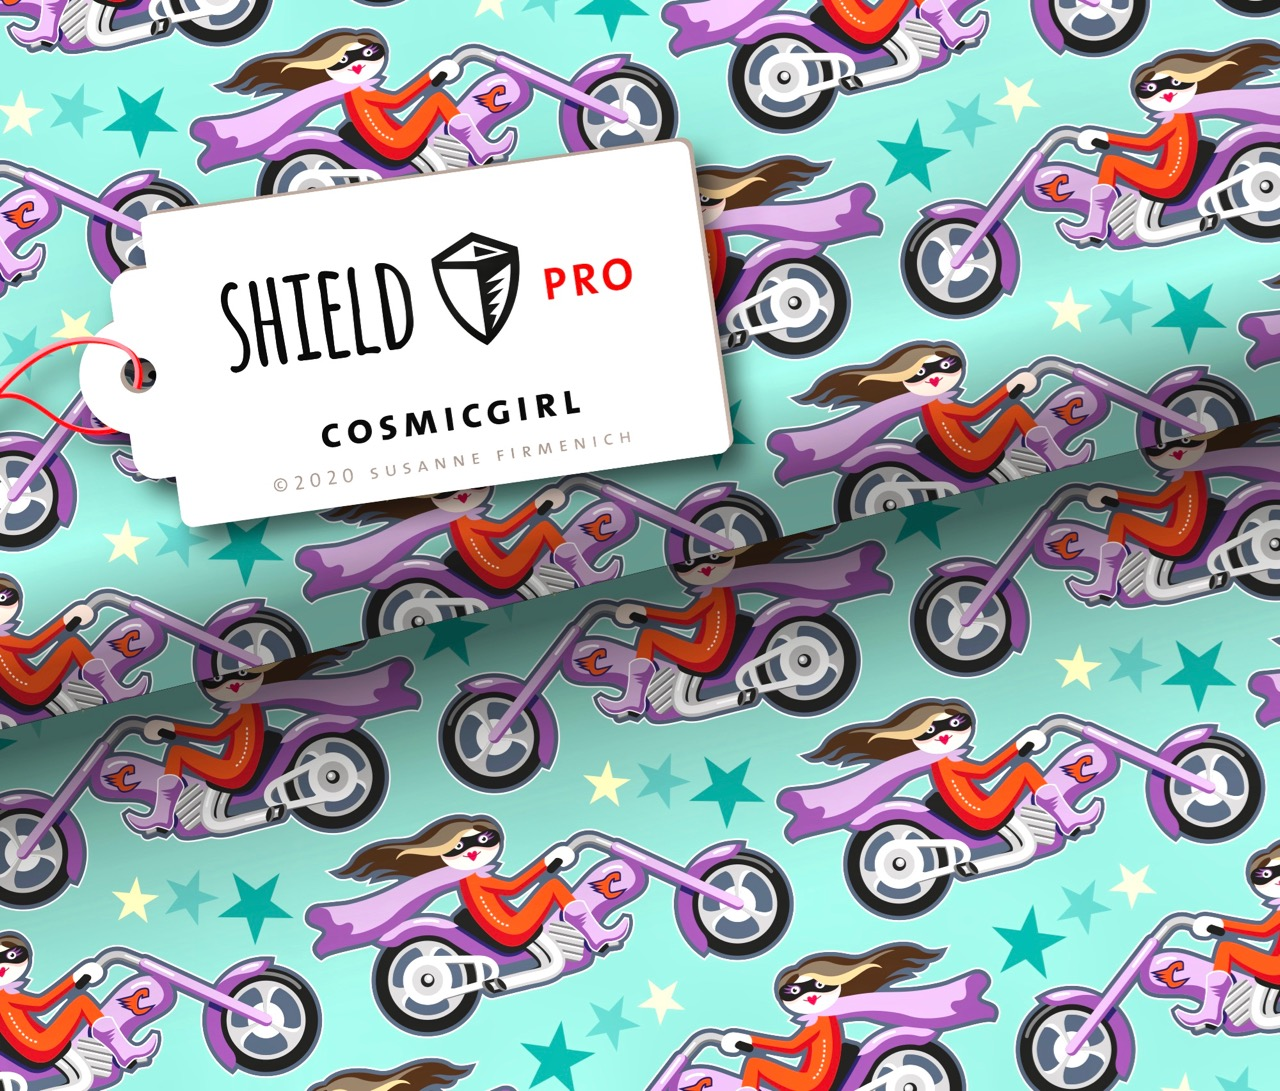 Shield PRO KIDS - Cosmicgirl Mint von Hamburger Liebe & Albstoffe - antimikrobiell für Atem-und Mundmasken!